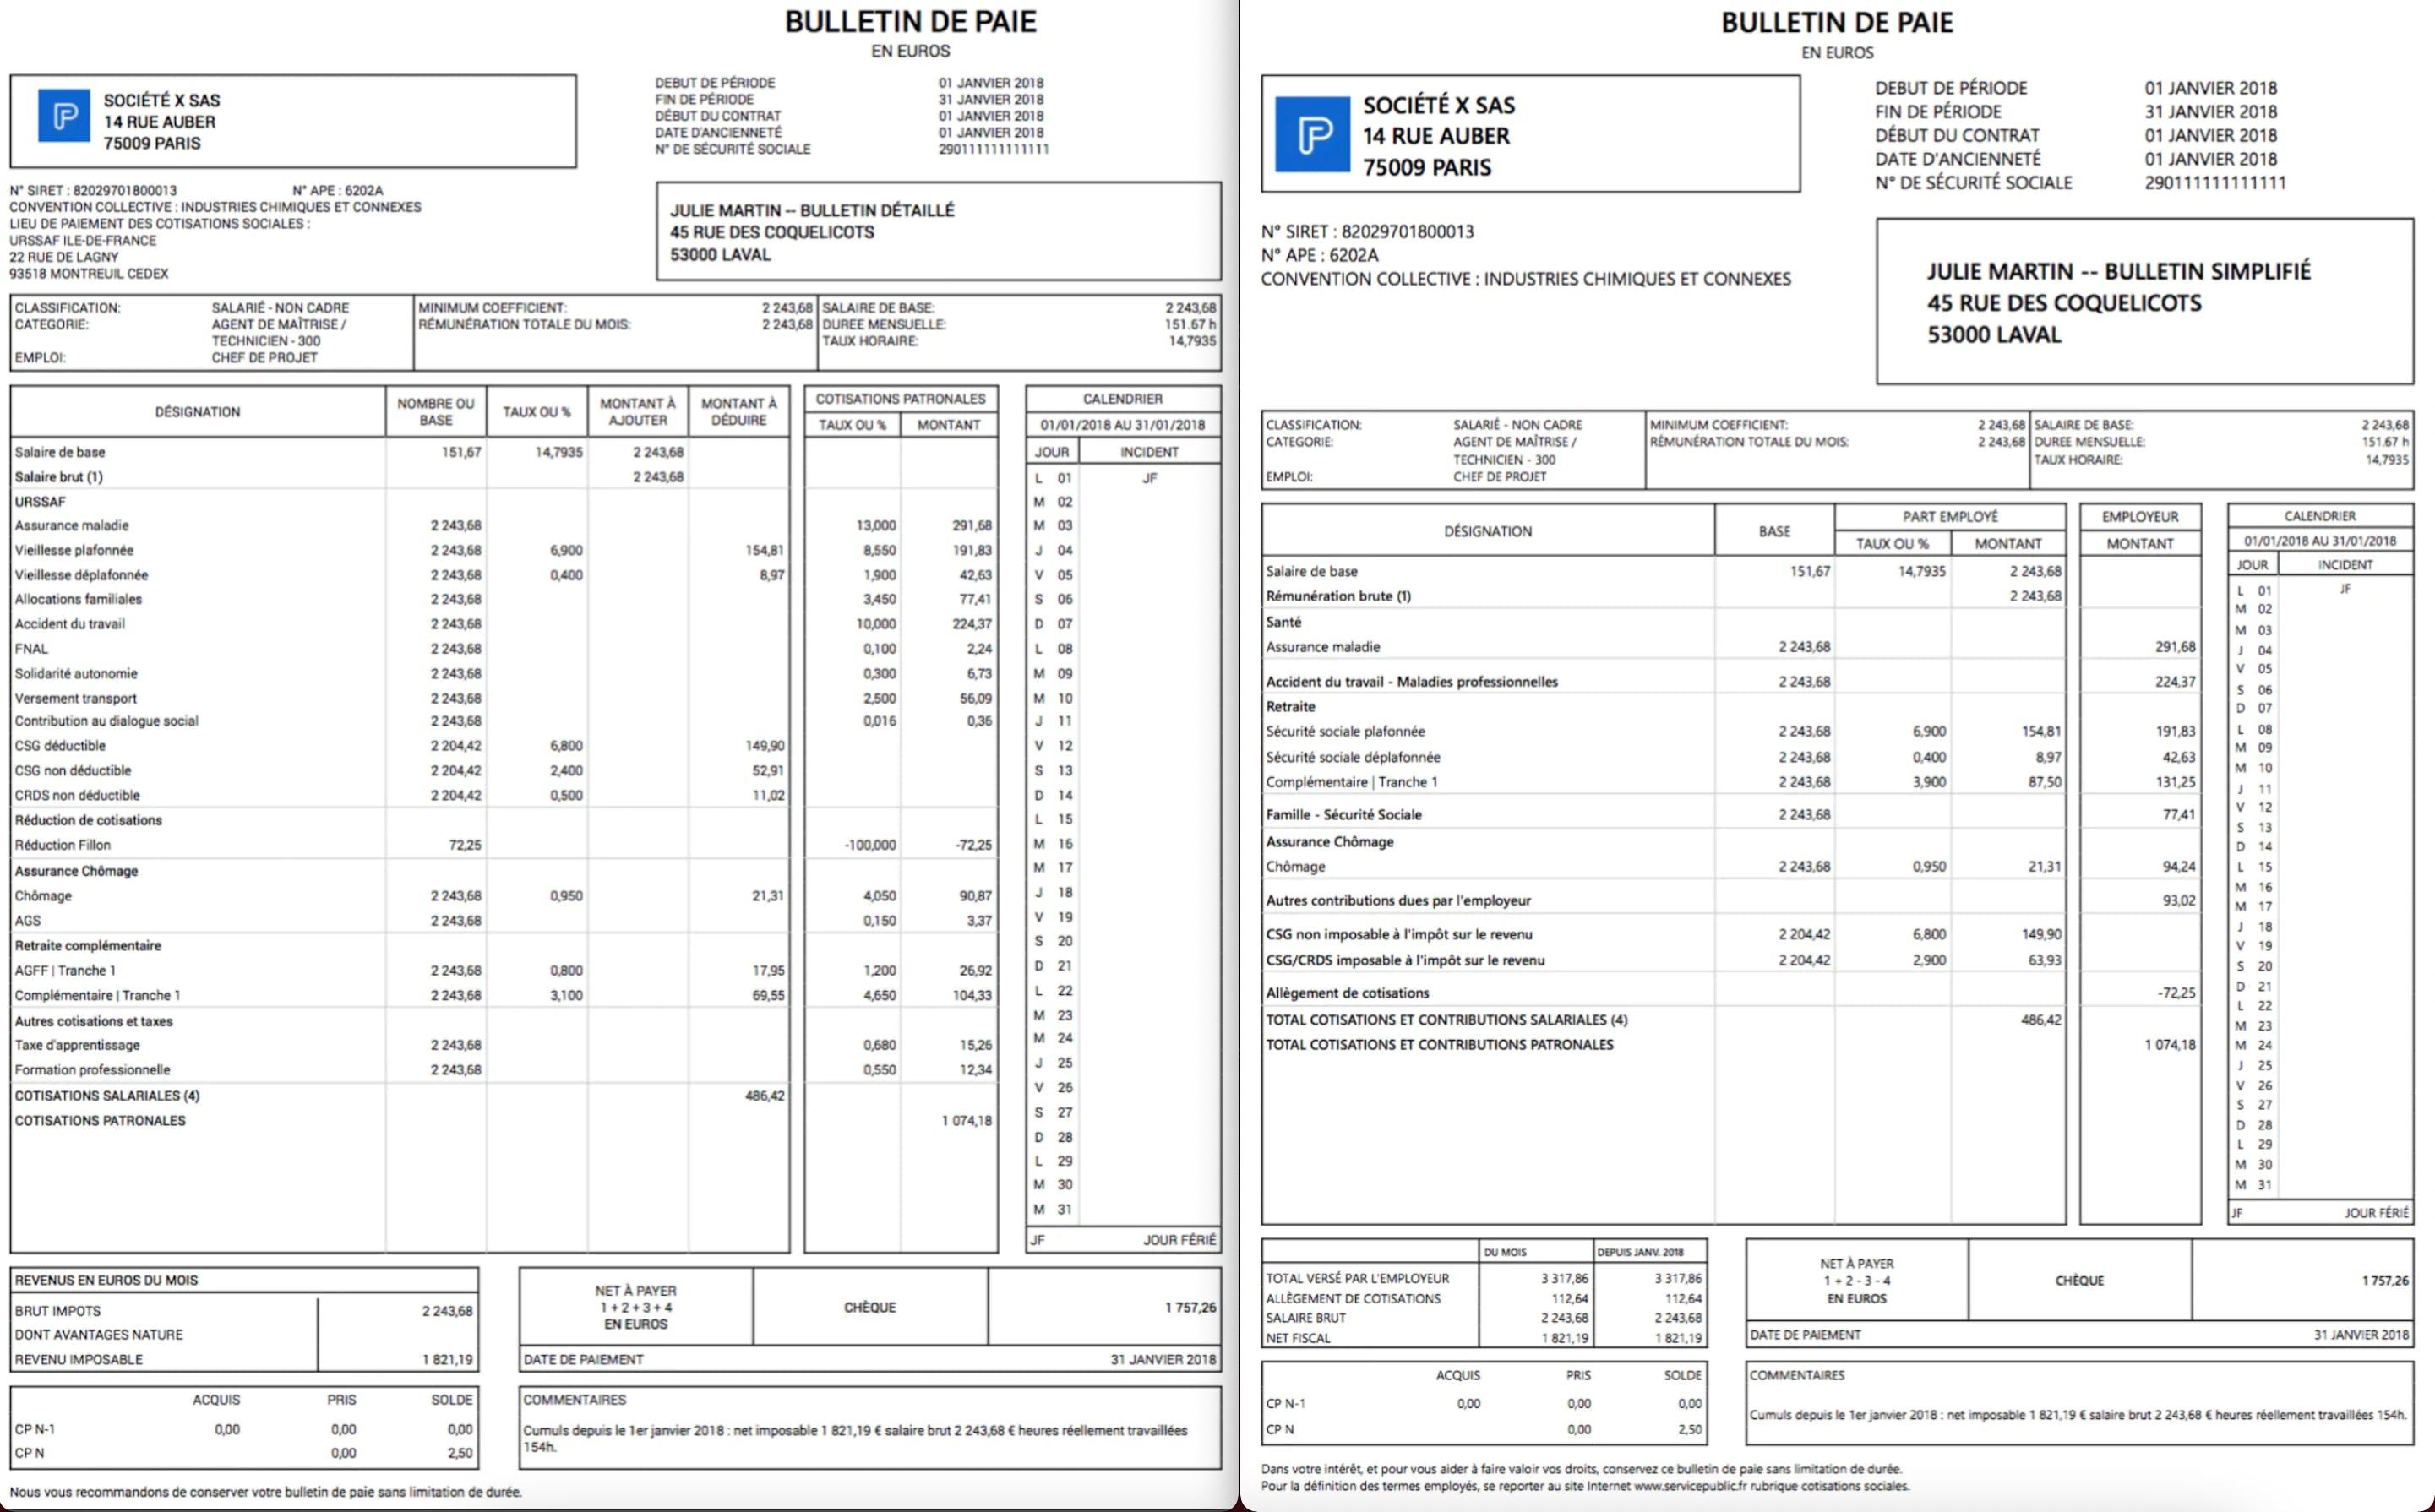 Exemples de bulletin de paie traditionnel et de bulletin de paie clarifié